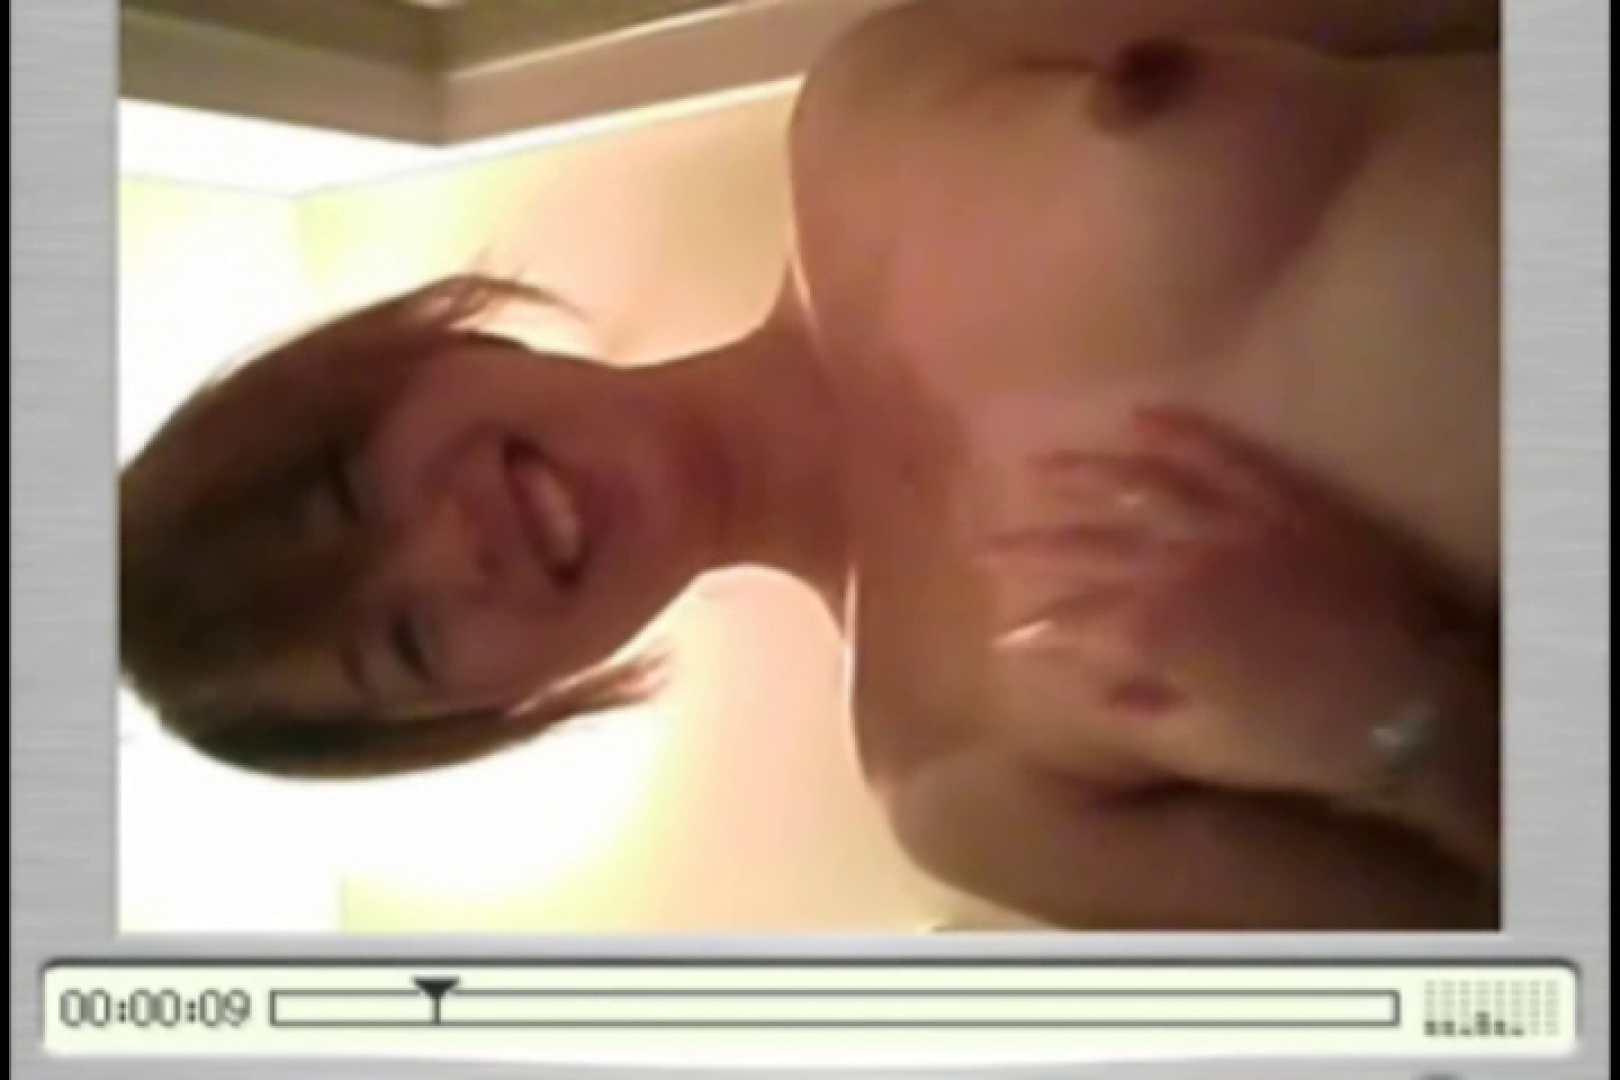 Shigeruのアルバム 流出作品  63連発 18